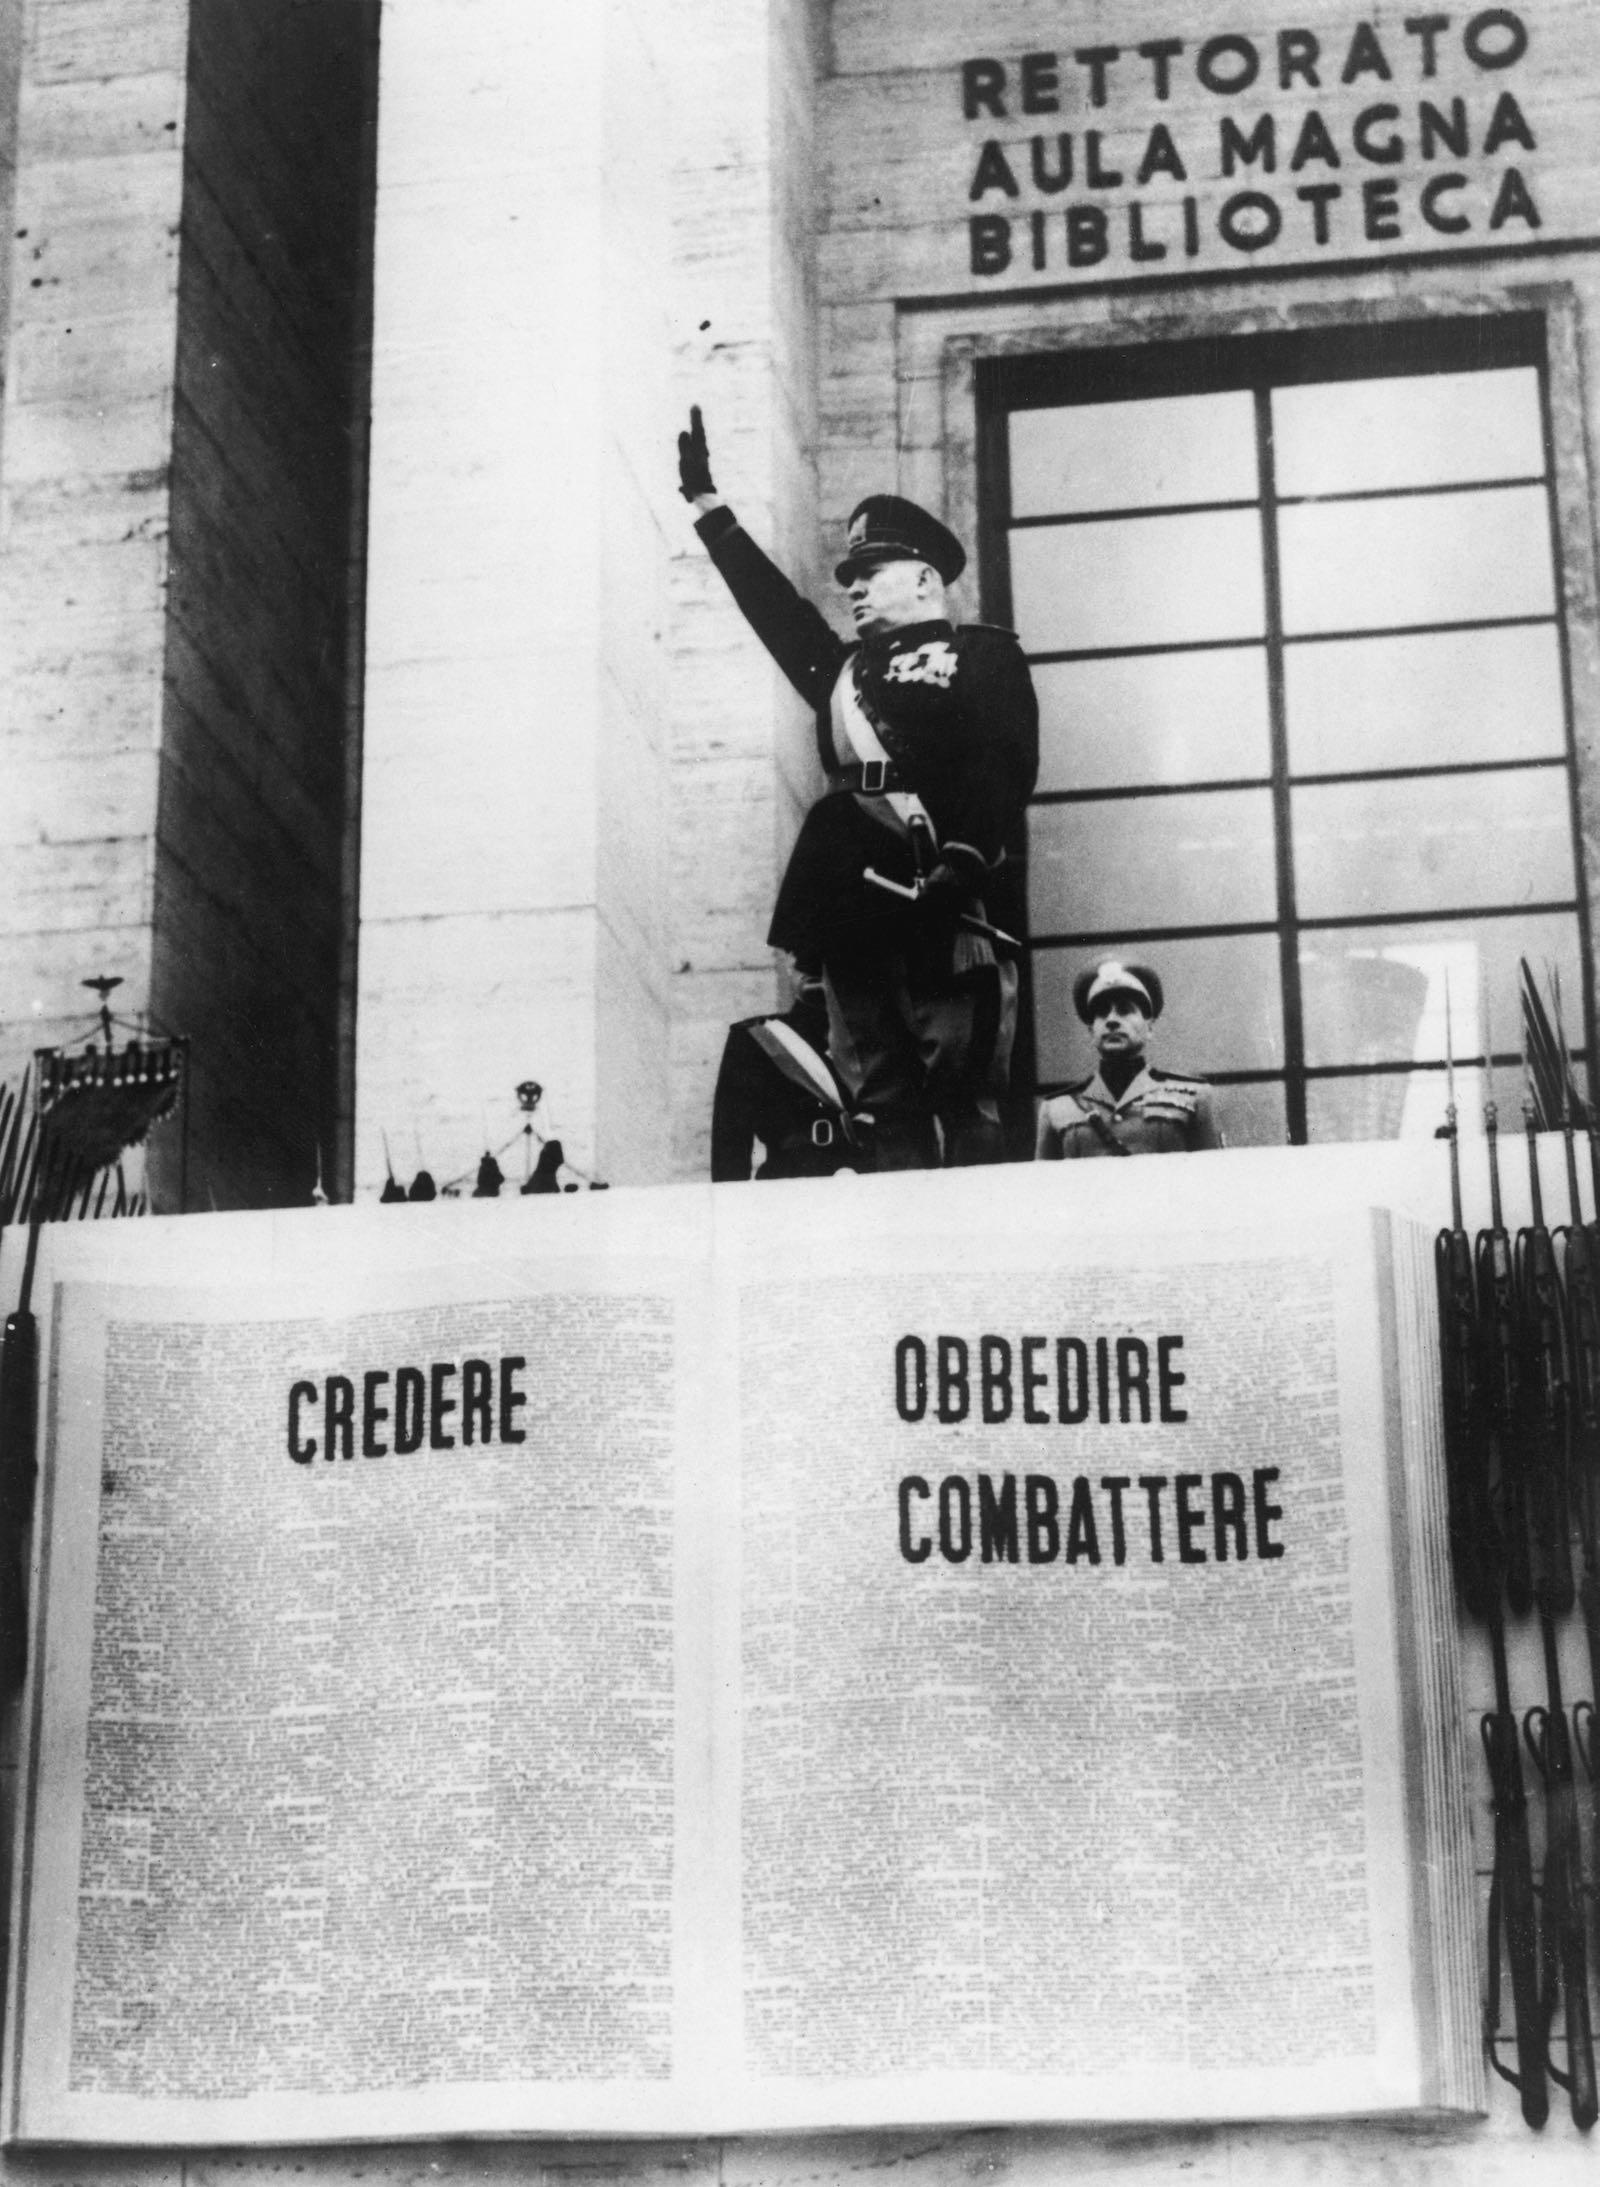 Benito Mussolini saluting